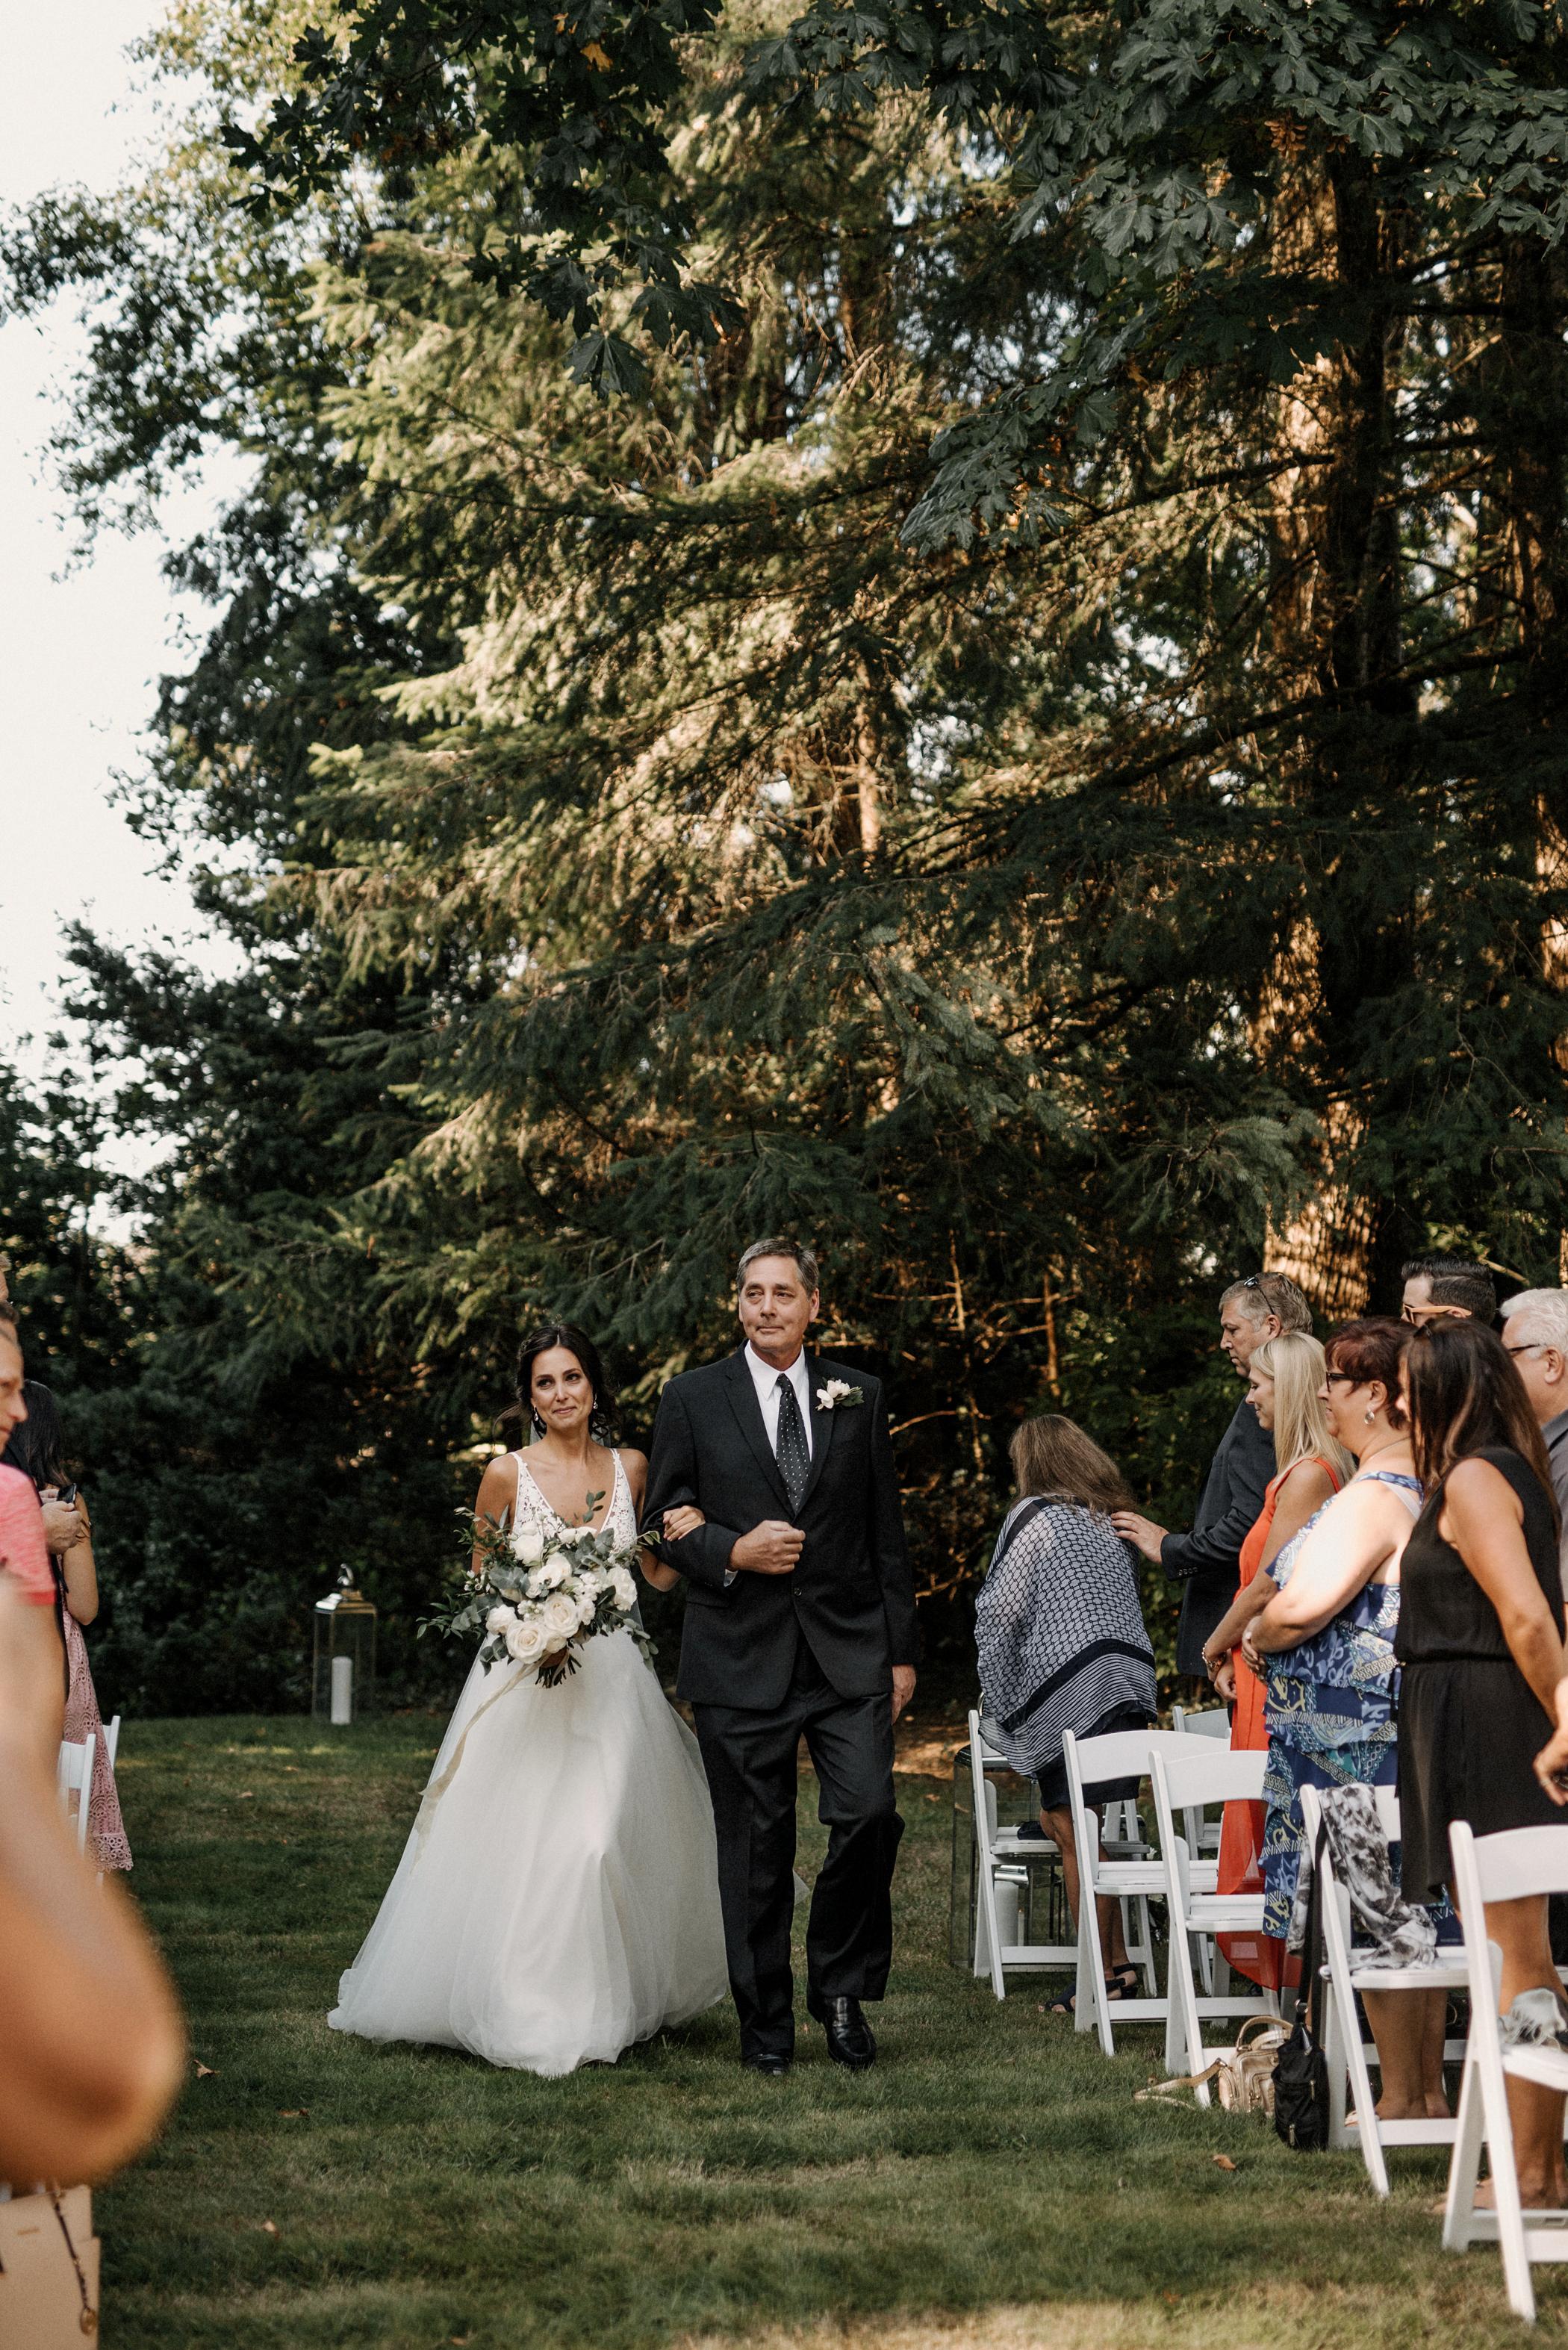 029-kaoverii-silva-KR-wedding-vancouver-photography-blog.png